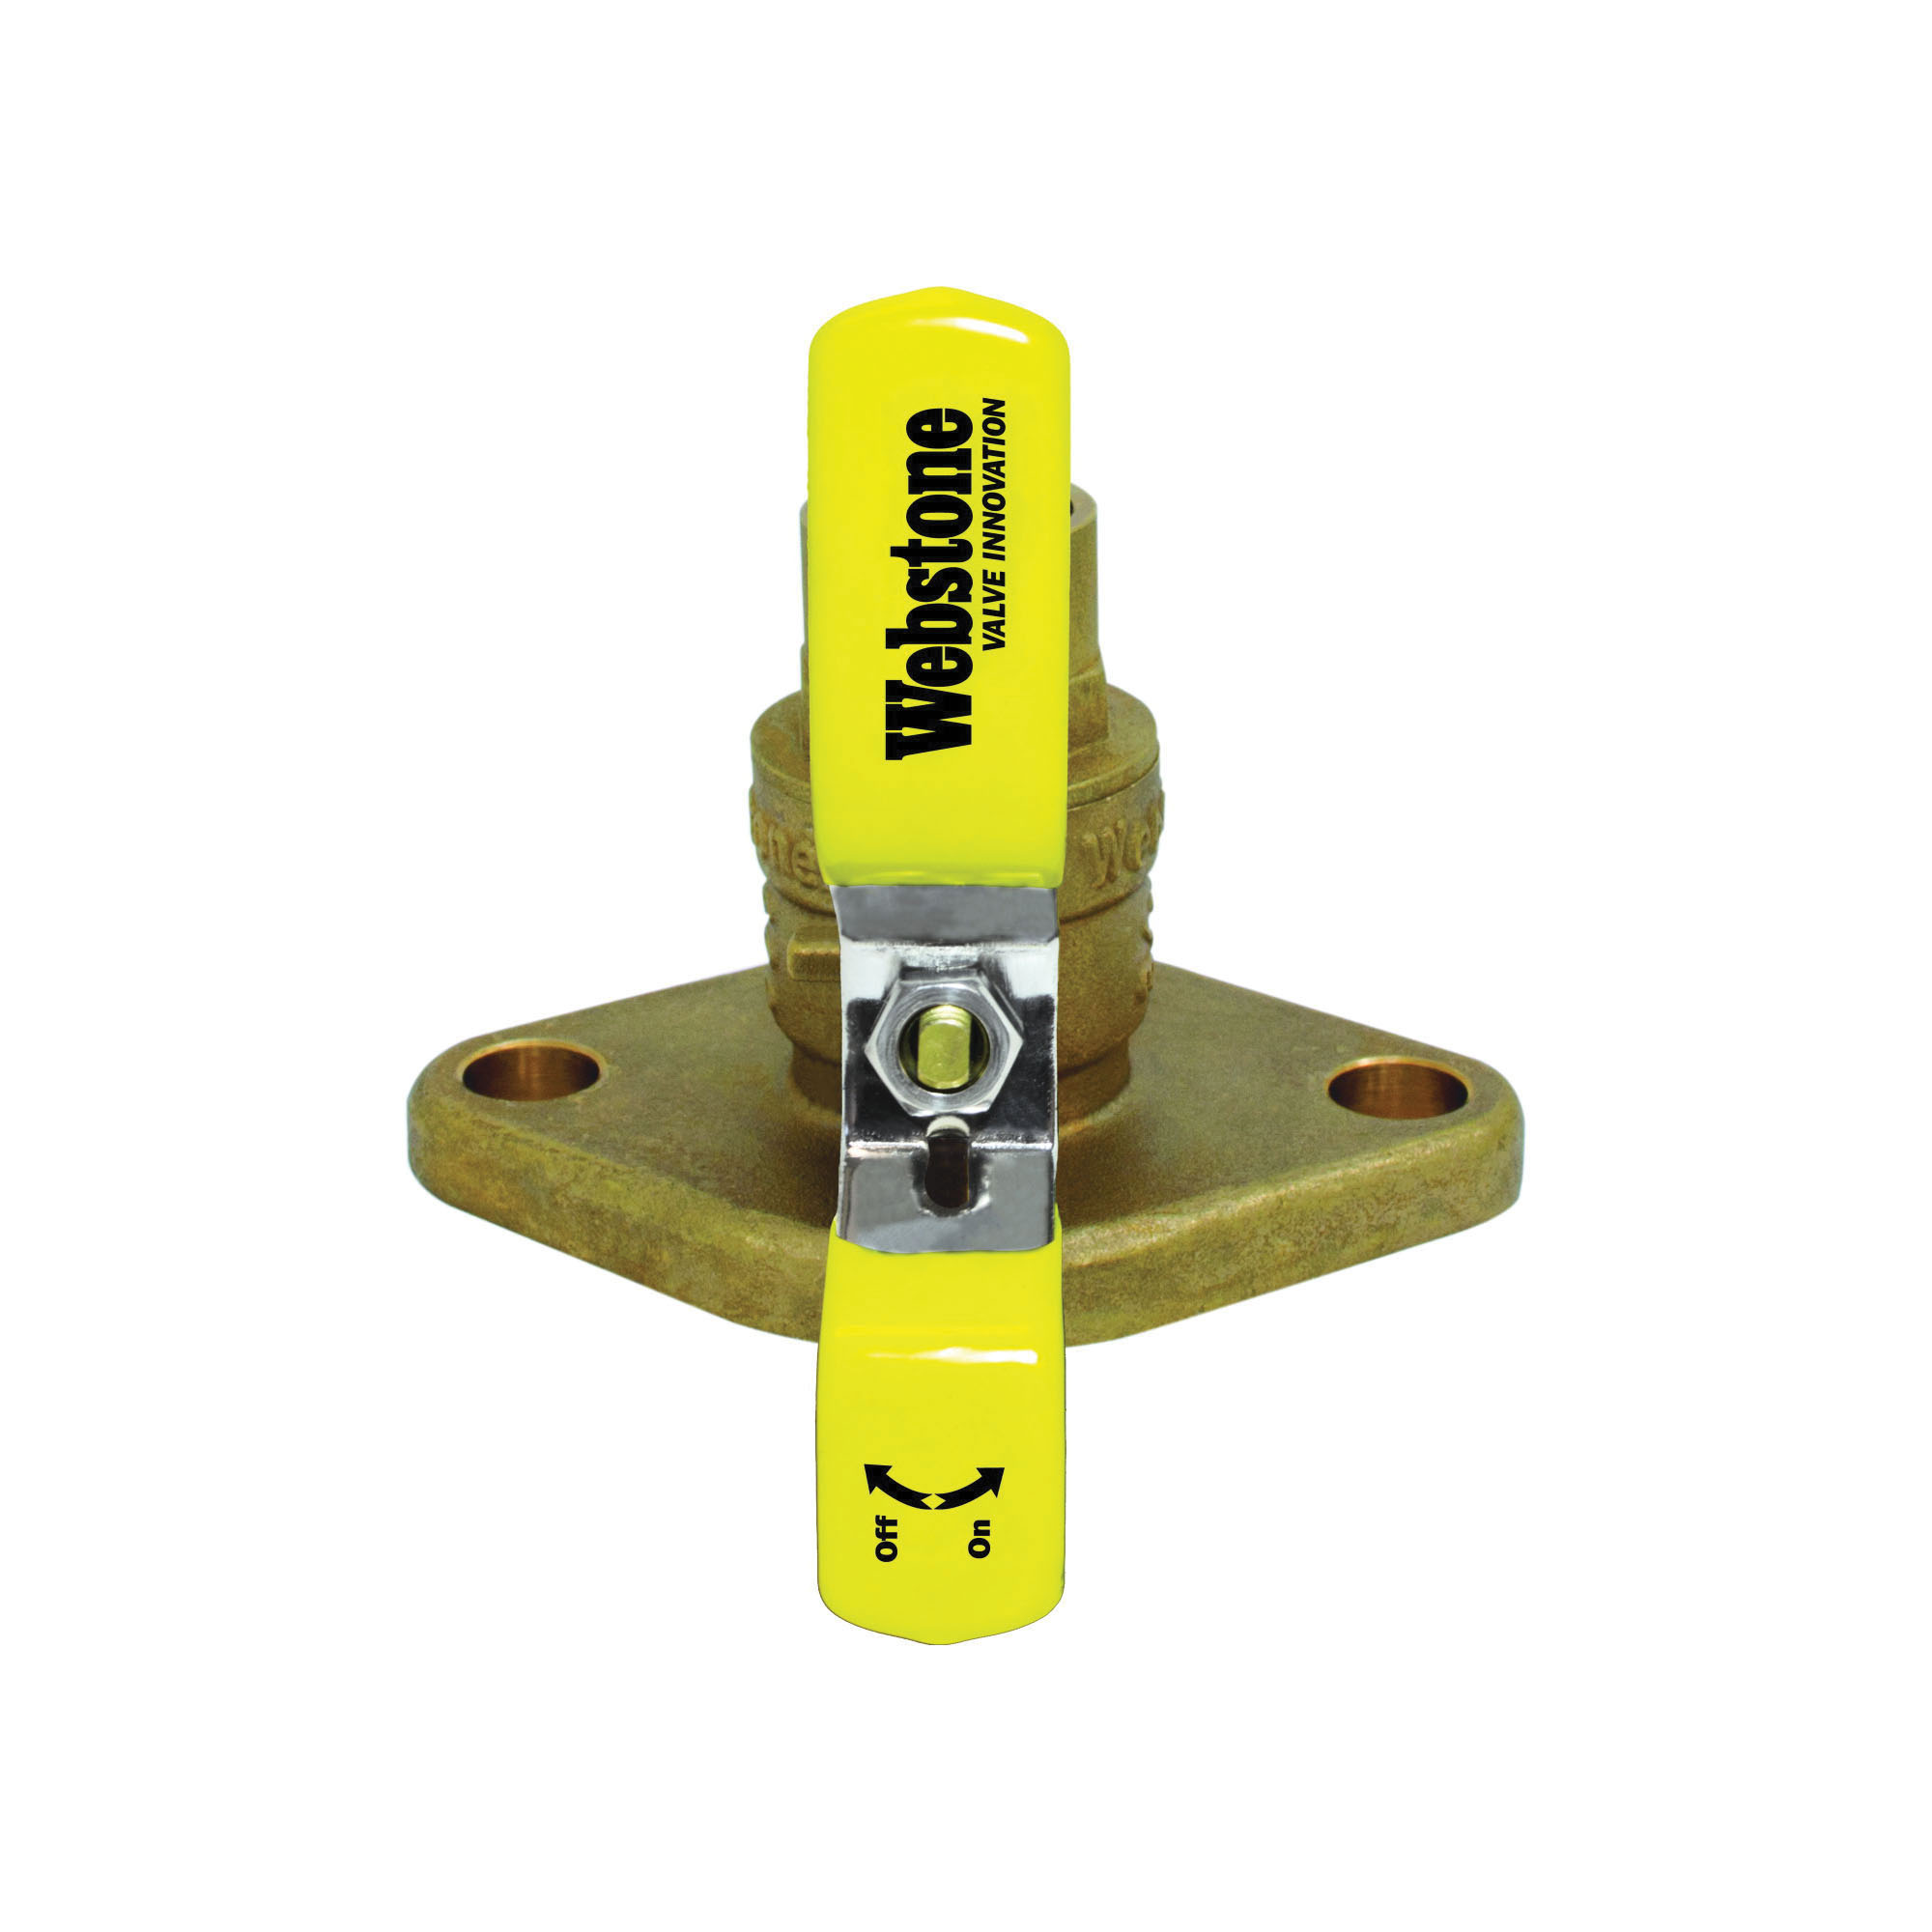 Webstone The Isolator® 50402 Ball Valve, 1/2 in, C x Flange, Brass Body, Full Port